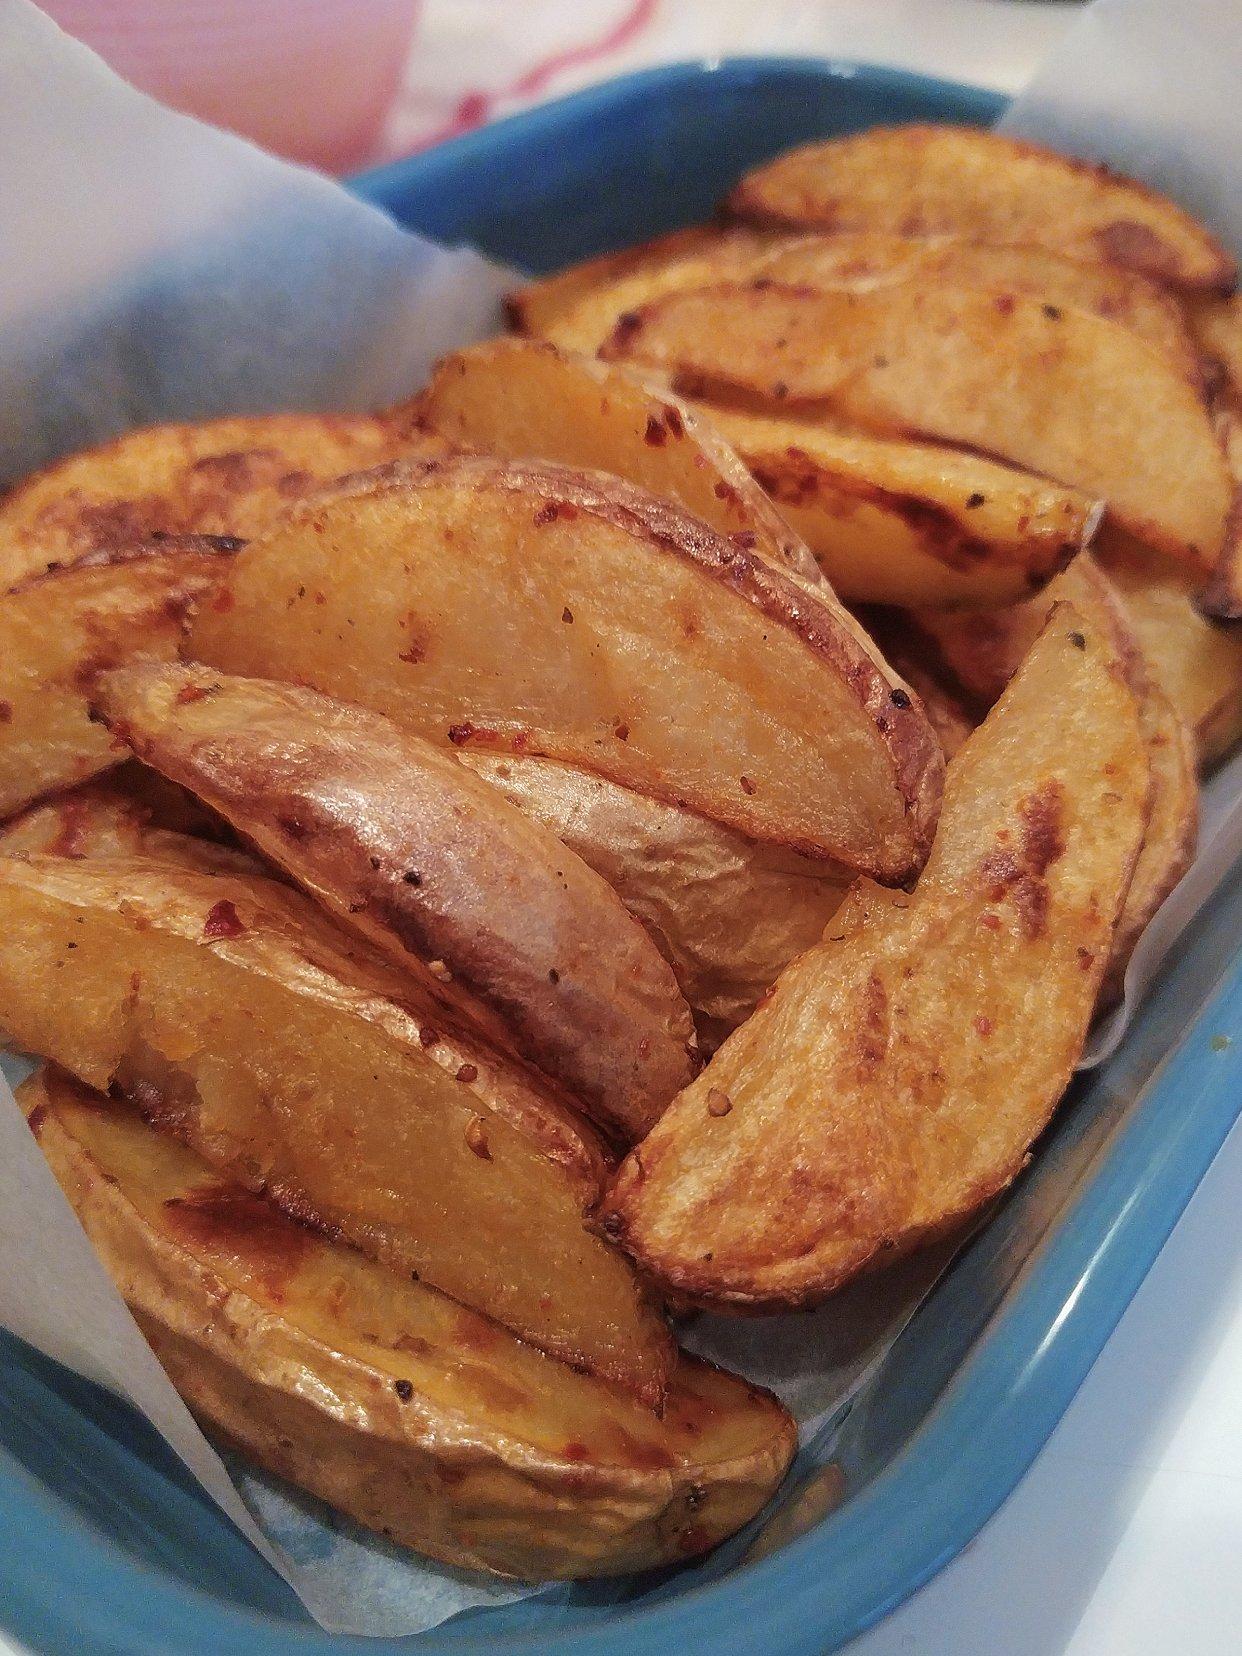 自制的烤箱薯角:非油炸也能享受的美味